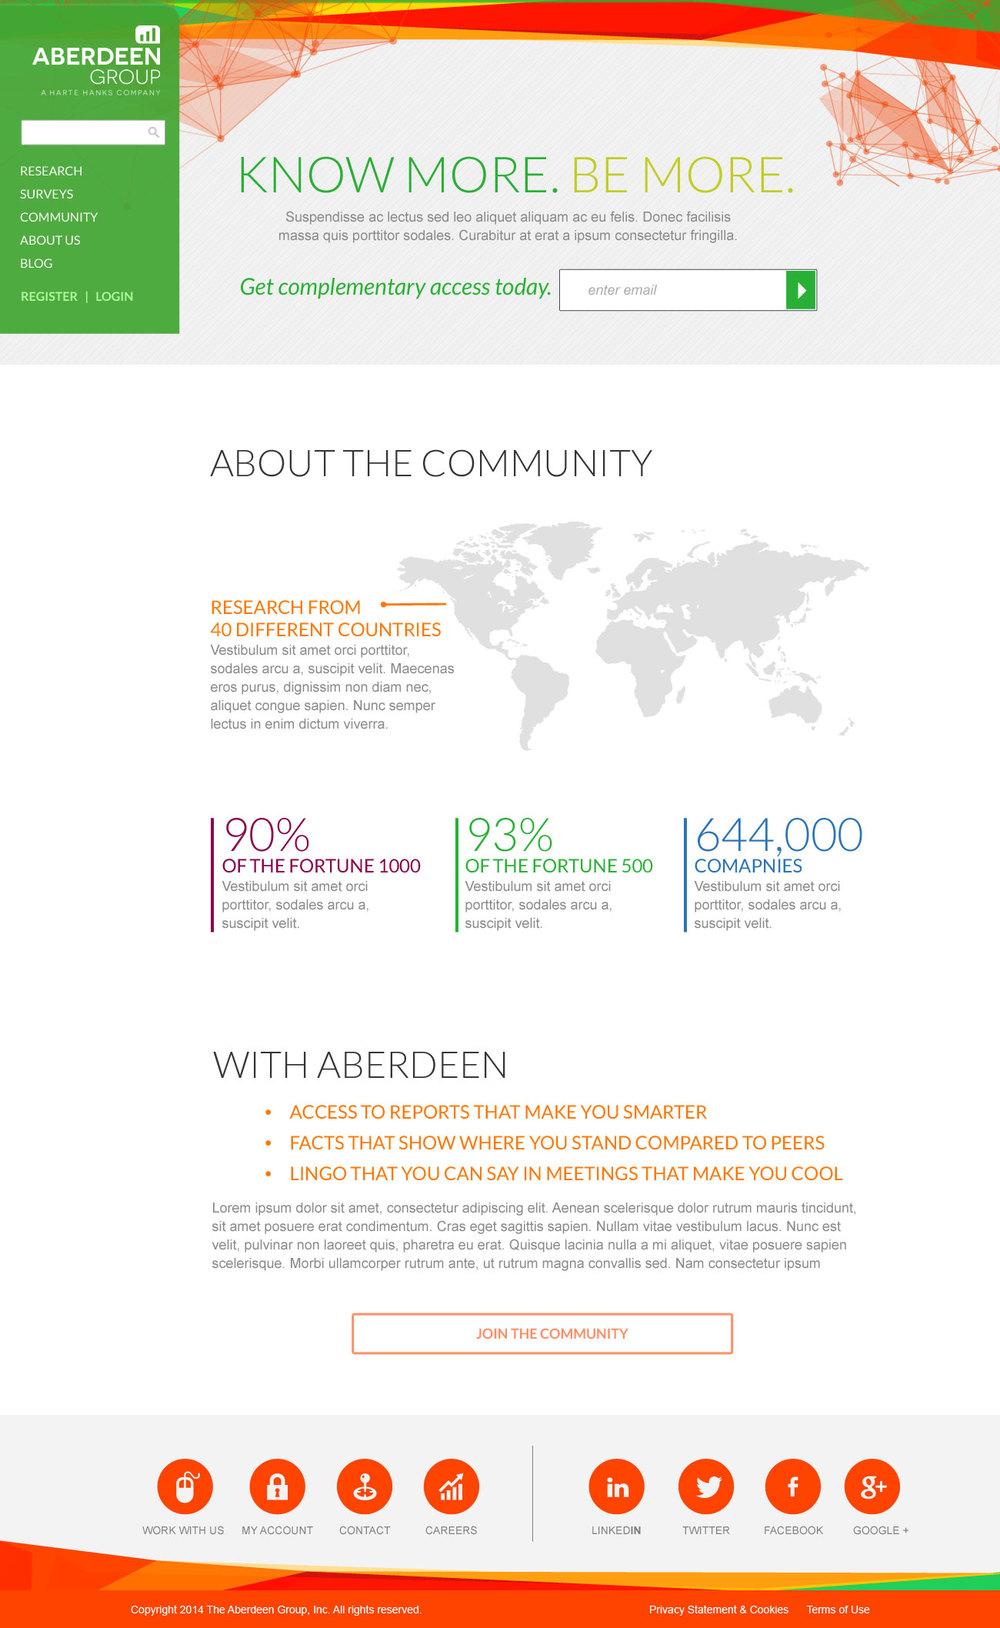 Aberdeen_access_04.jpg